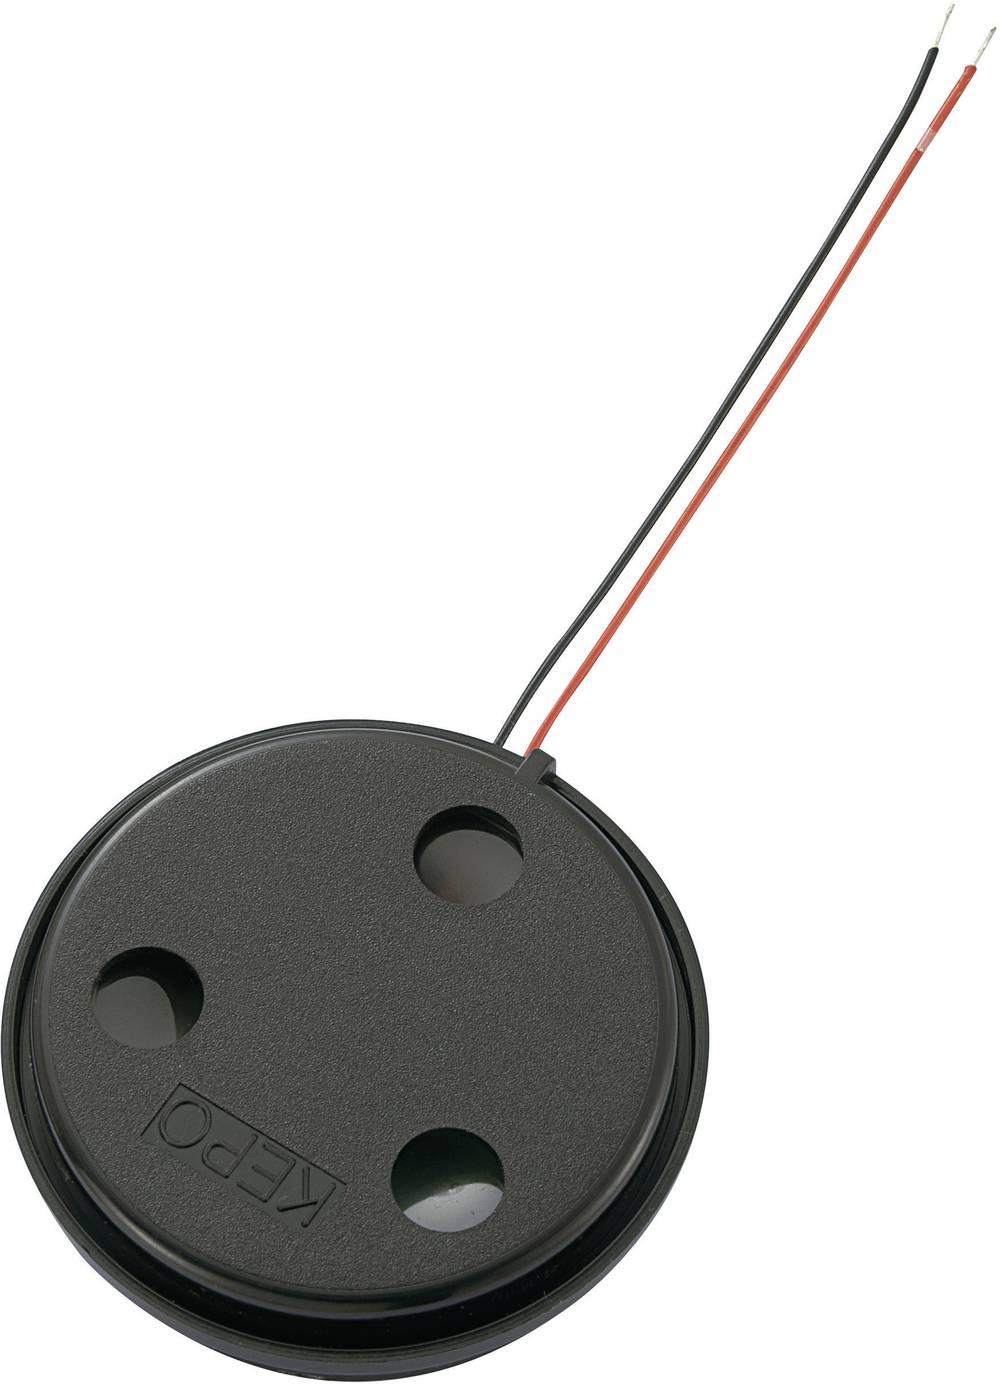 Ultrazvočni pretvornik PCT-serije, glasnost: 104 + 3 dB 4.2V/AC 1 - 5 kHz.. PCT-G5720-6320 KEPO